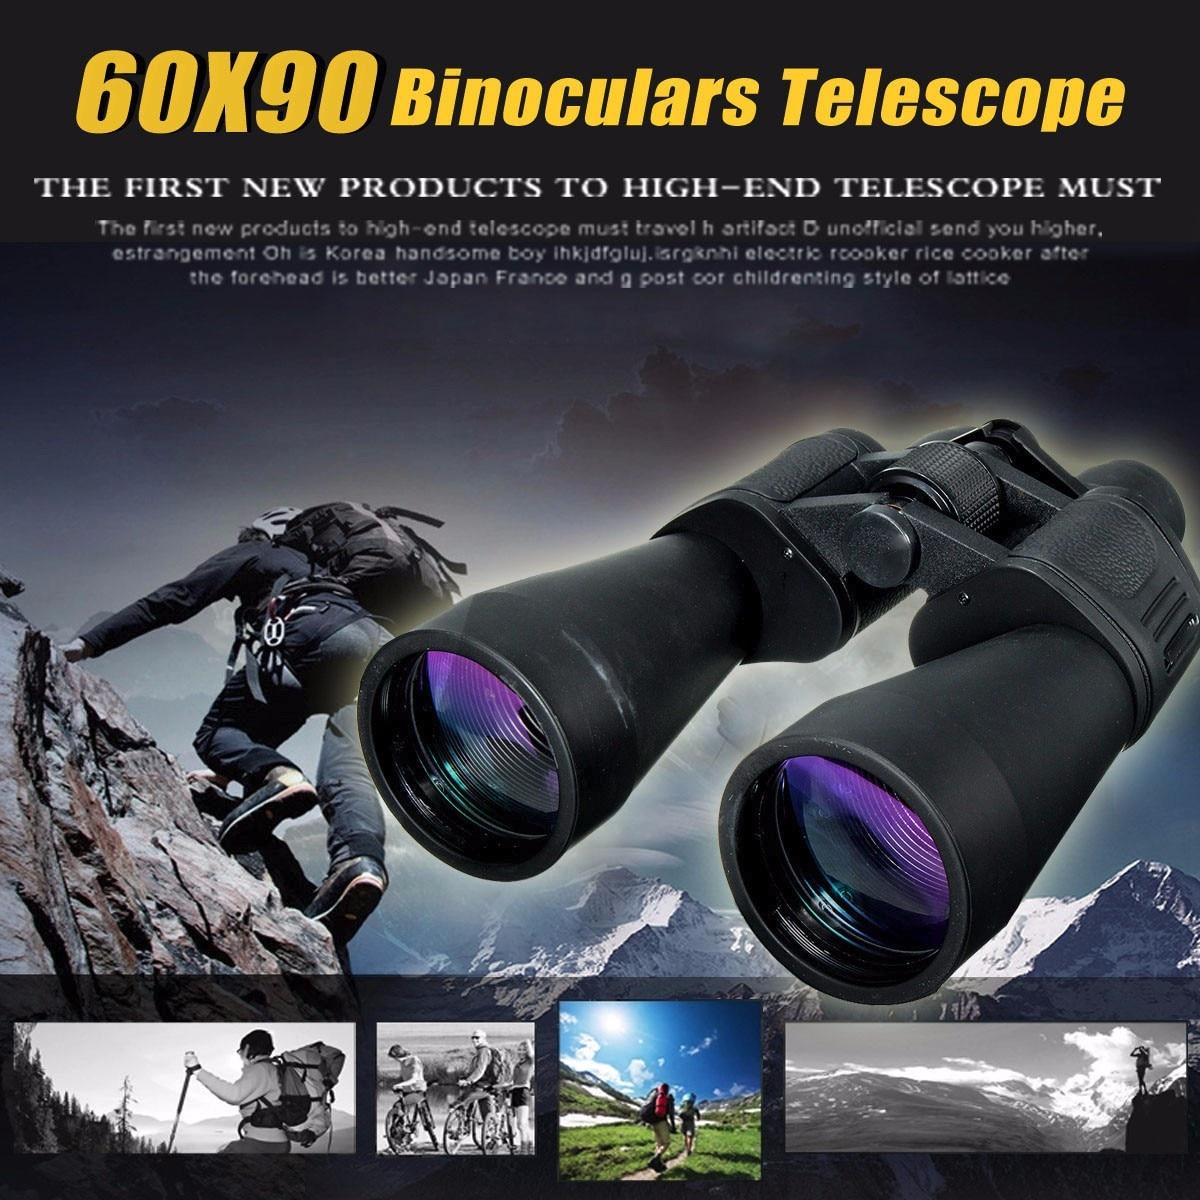 Zoom télescope 60x90 jour et nuit Vision jumelles jumelles professionnelles de haute qualité oculaire pour la chasse en plein air